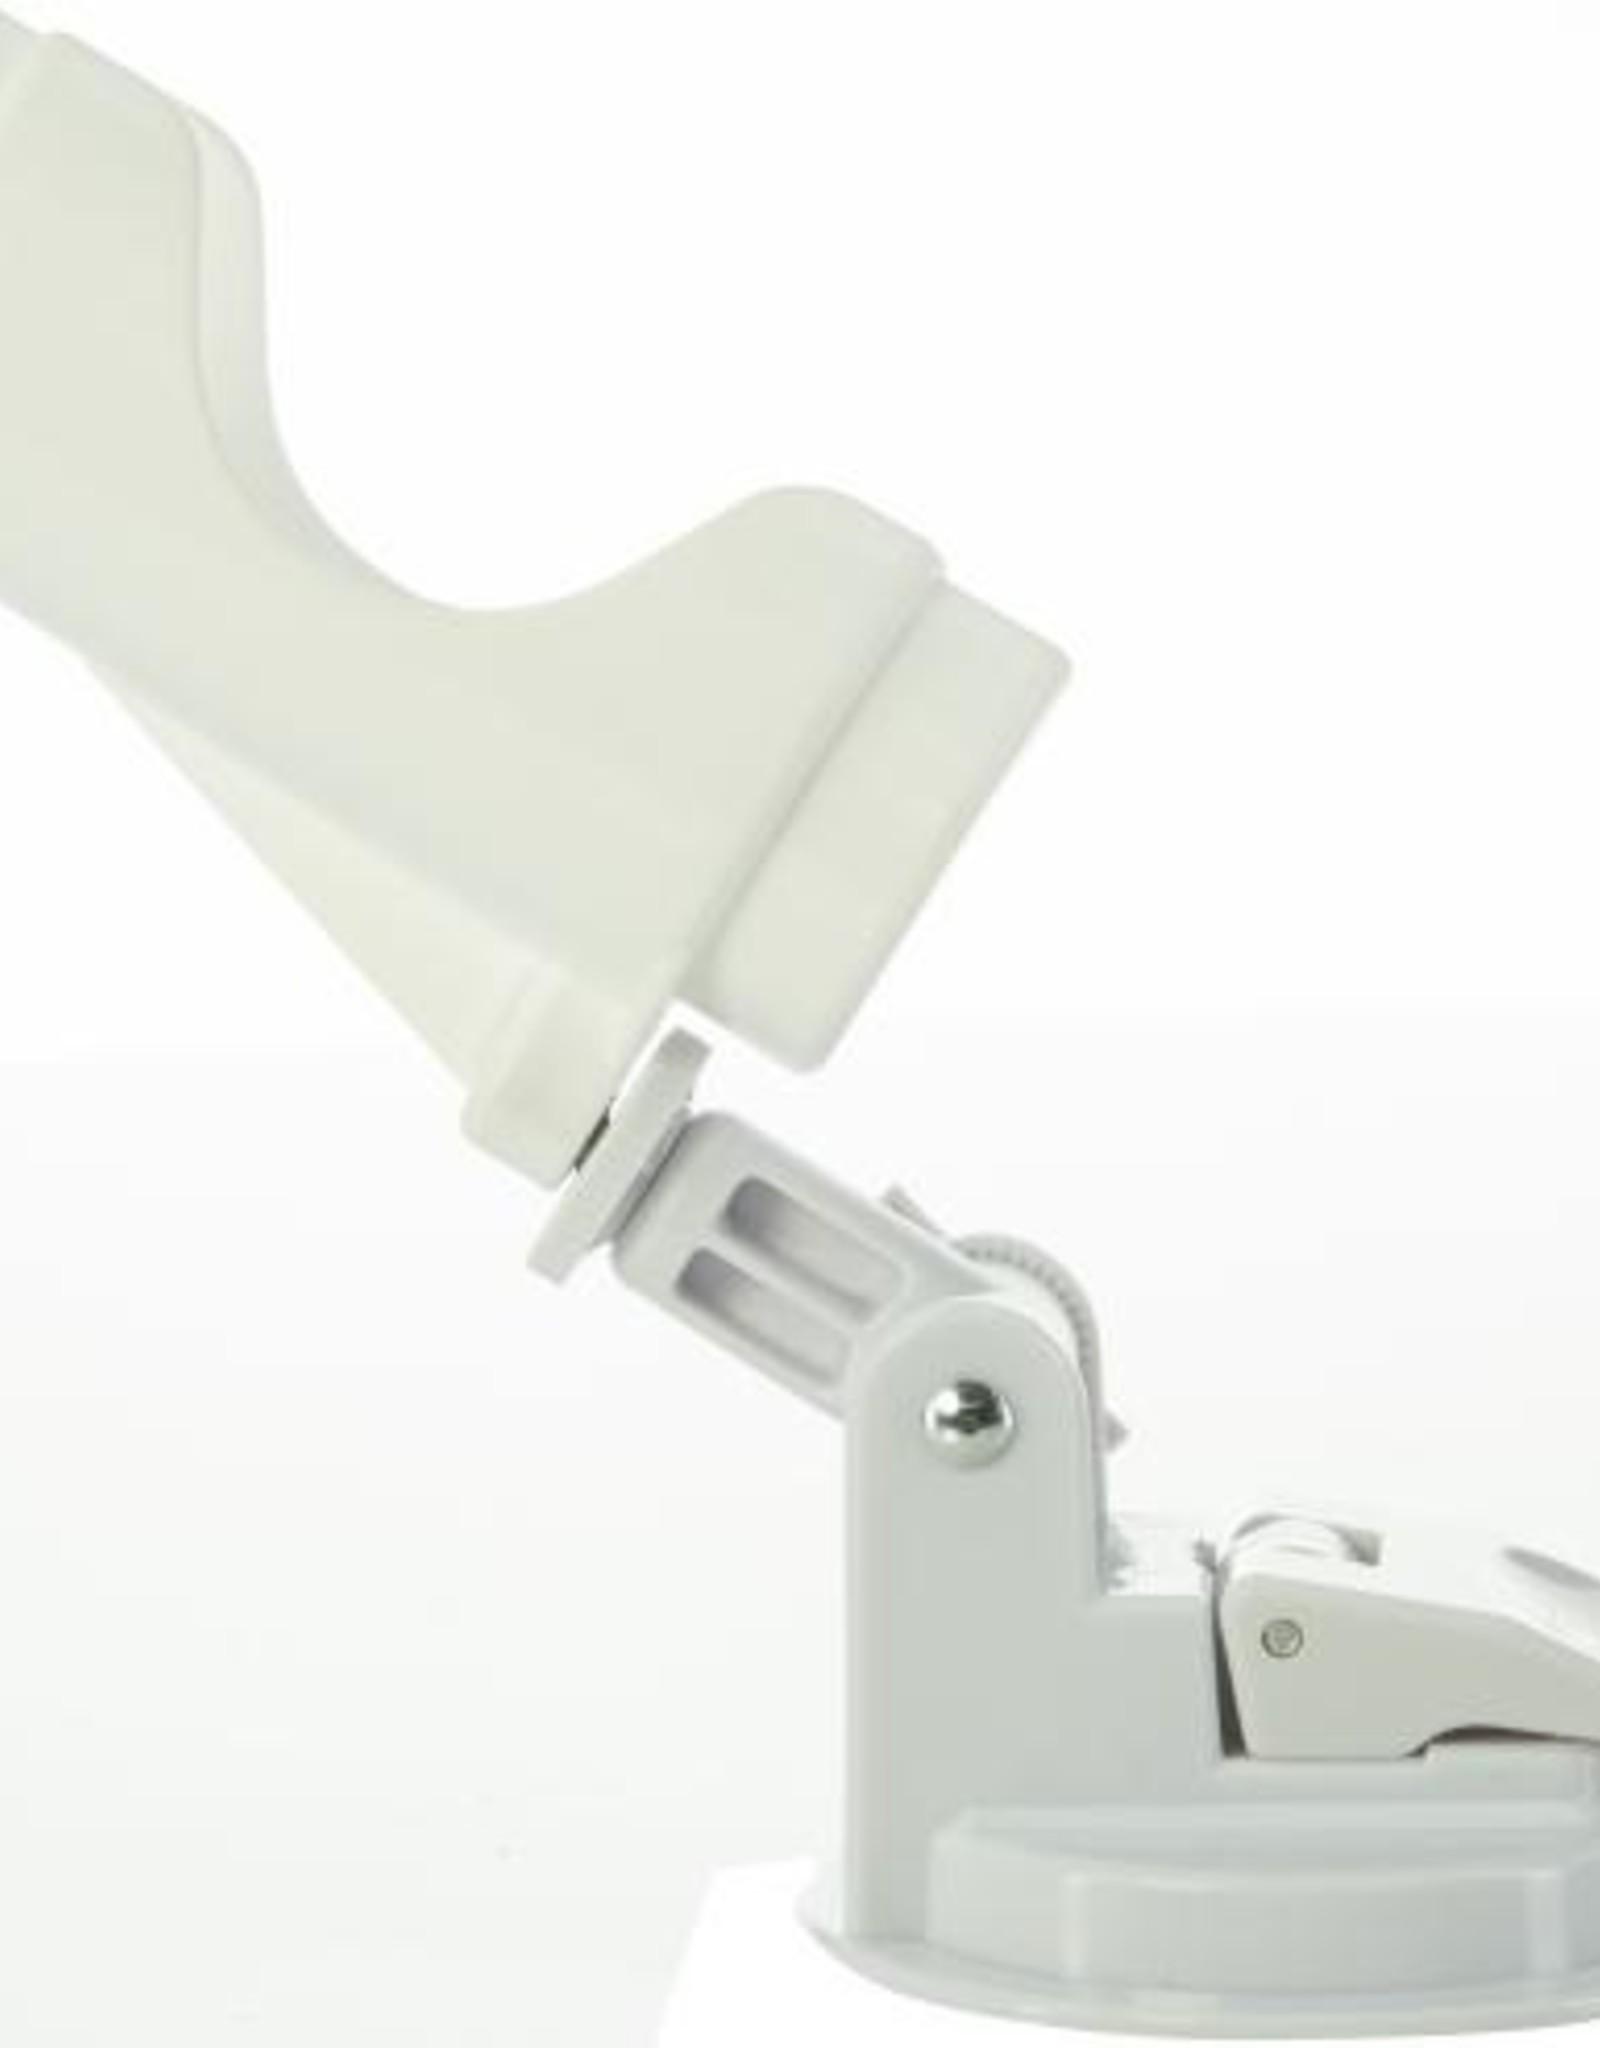 Pillow Talk Feisty Stotende Vibrator - Teal